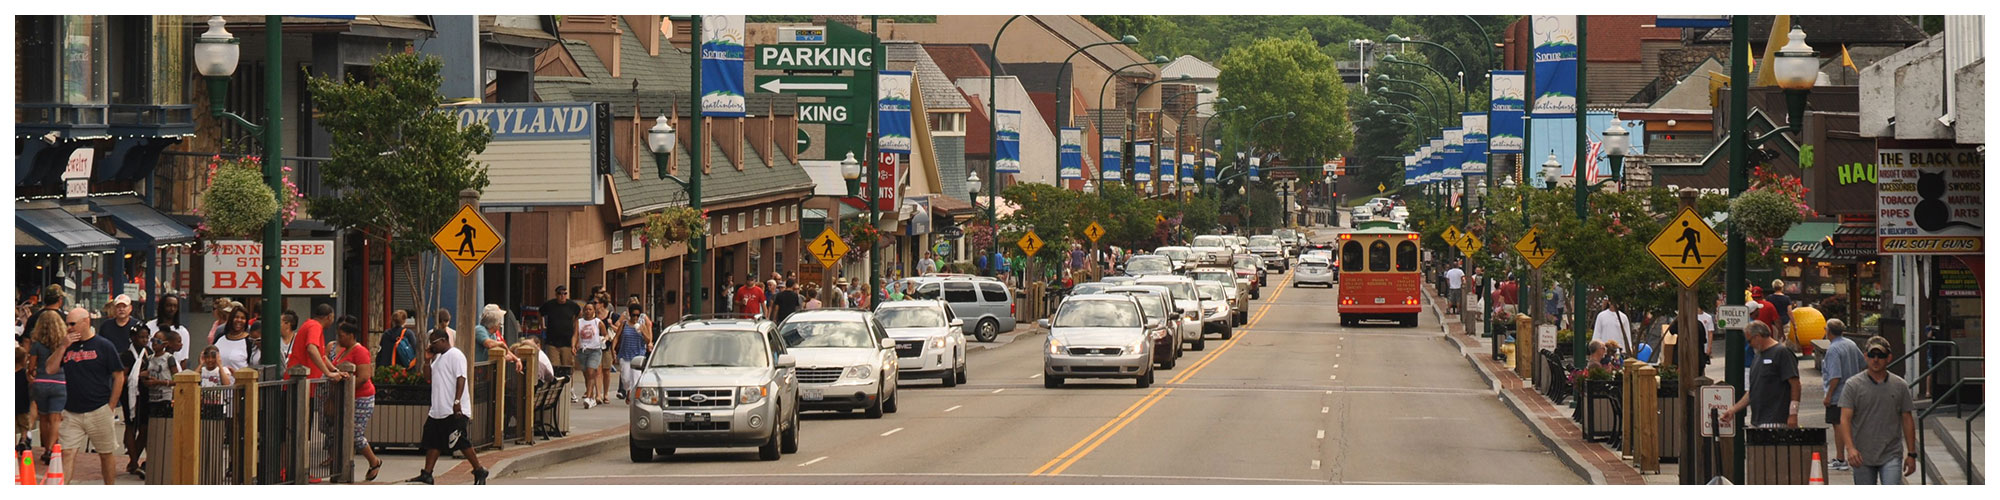 Parking Map (Header Background) | Gatlinburg Attractions